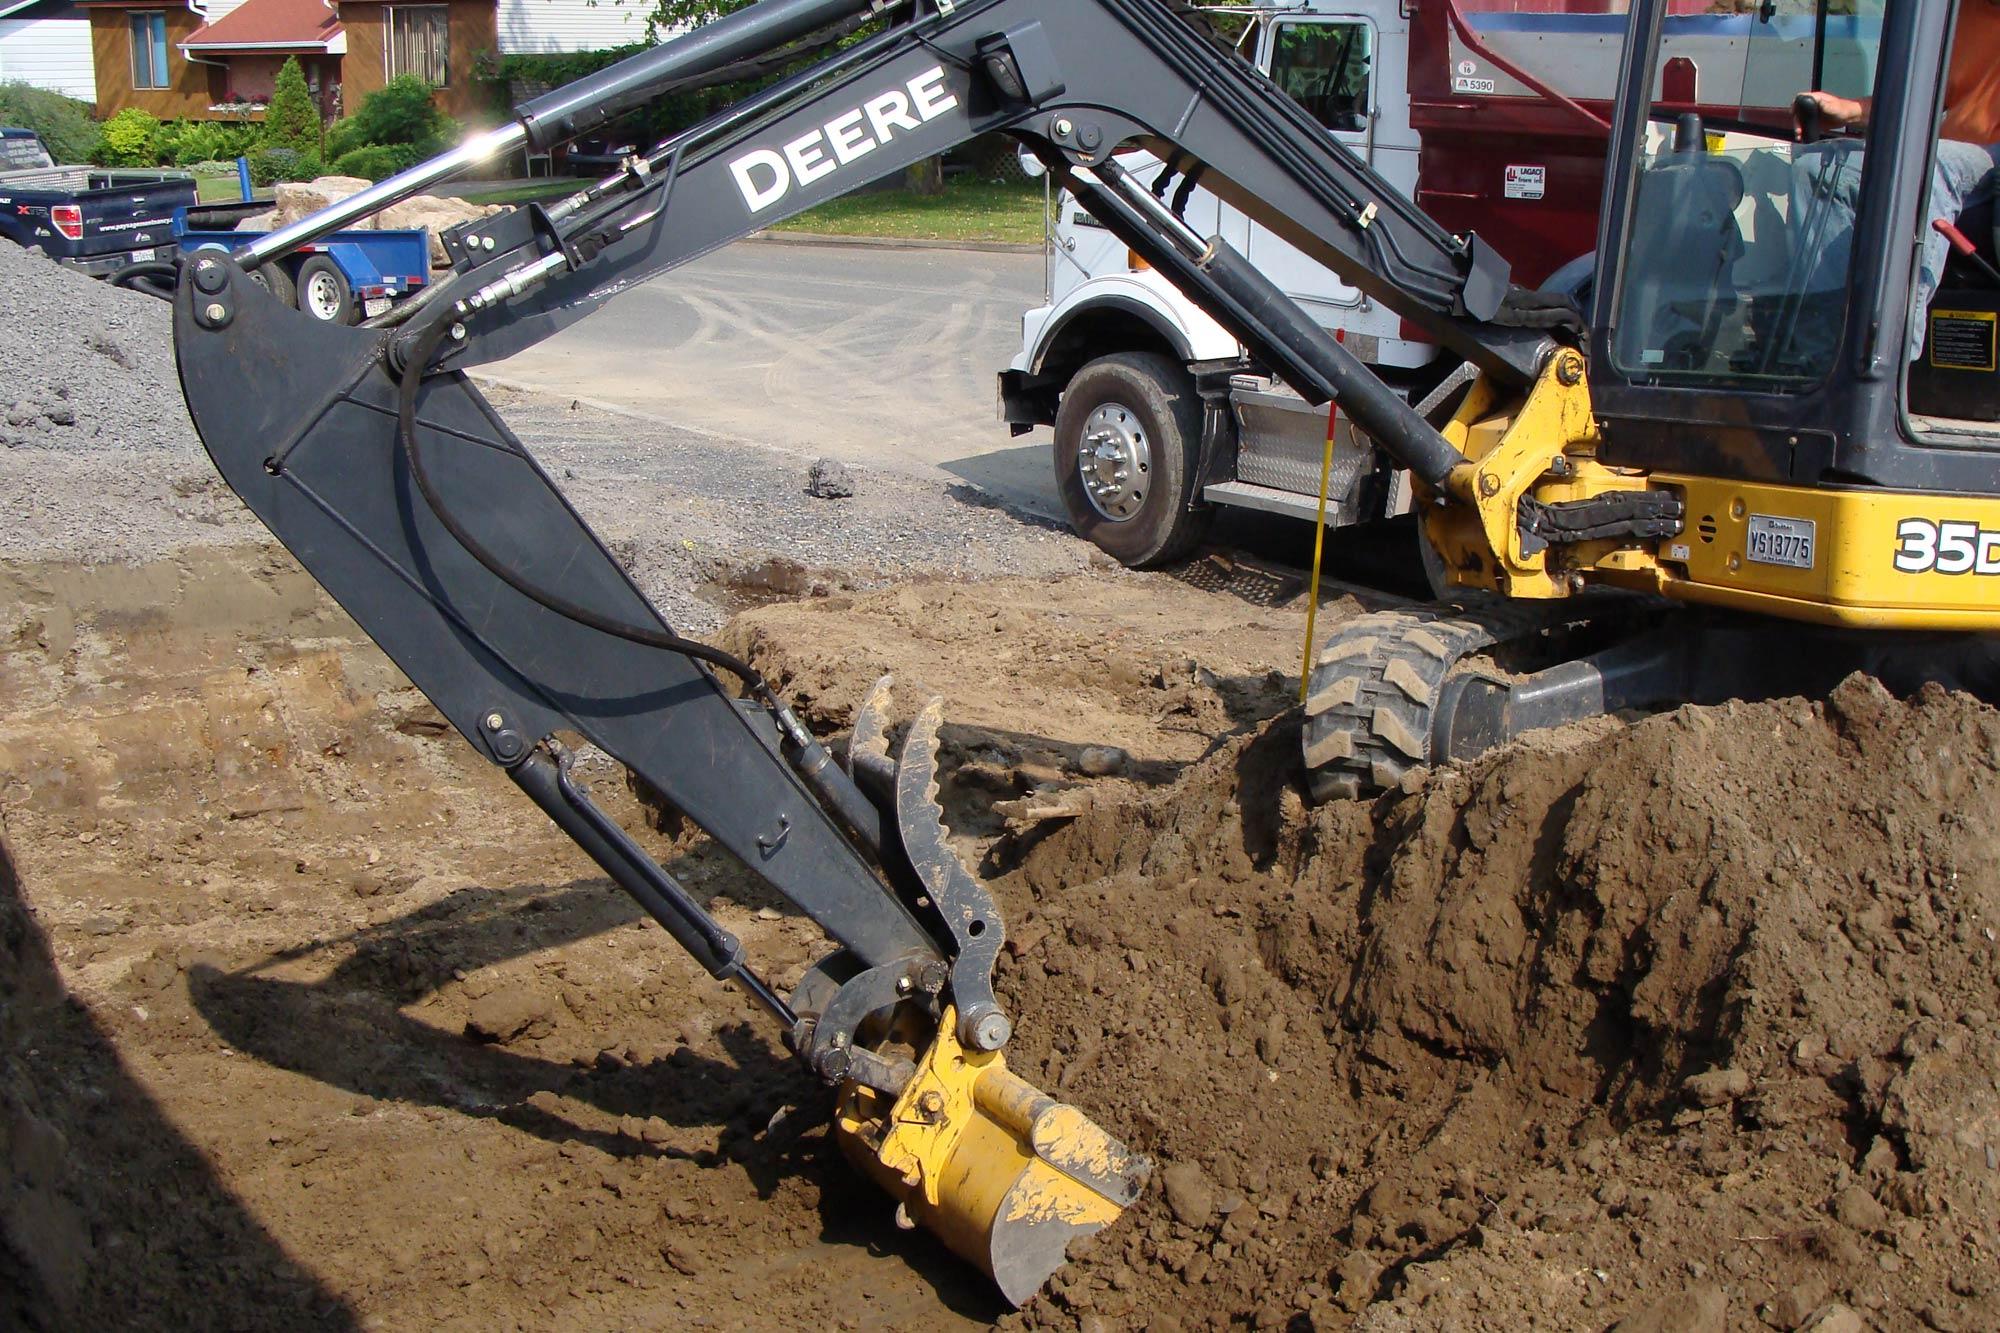 Pavé béton expert possède l'équipement pour concevoir vos projets d'excavation, de terrassement, d'installation de piscines et de drains, etc.